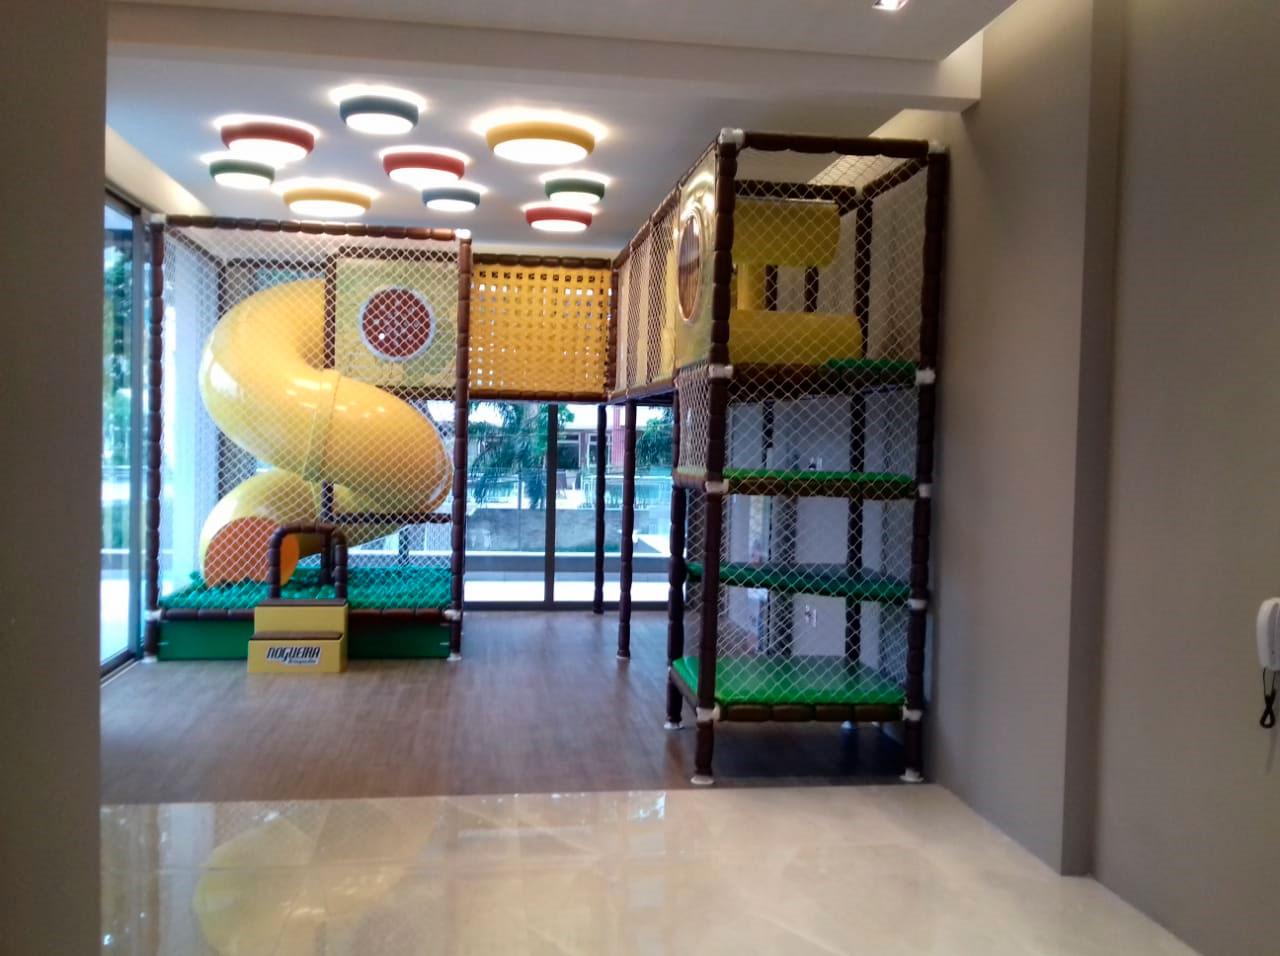 Brinquedão Kid Play Montado em Condomínio - Nogueira Brinquedos (2)